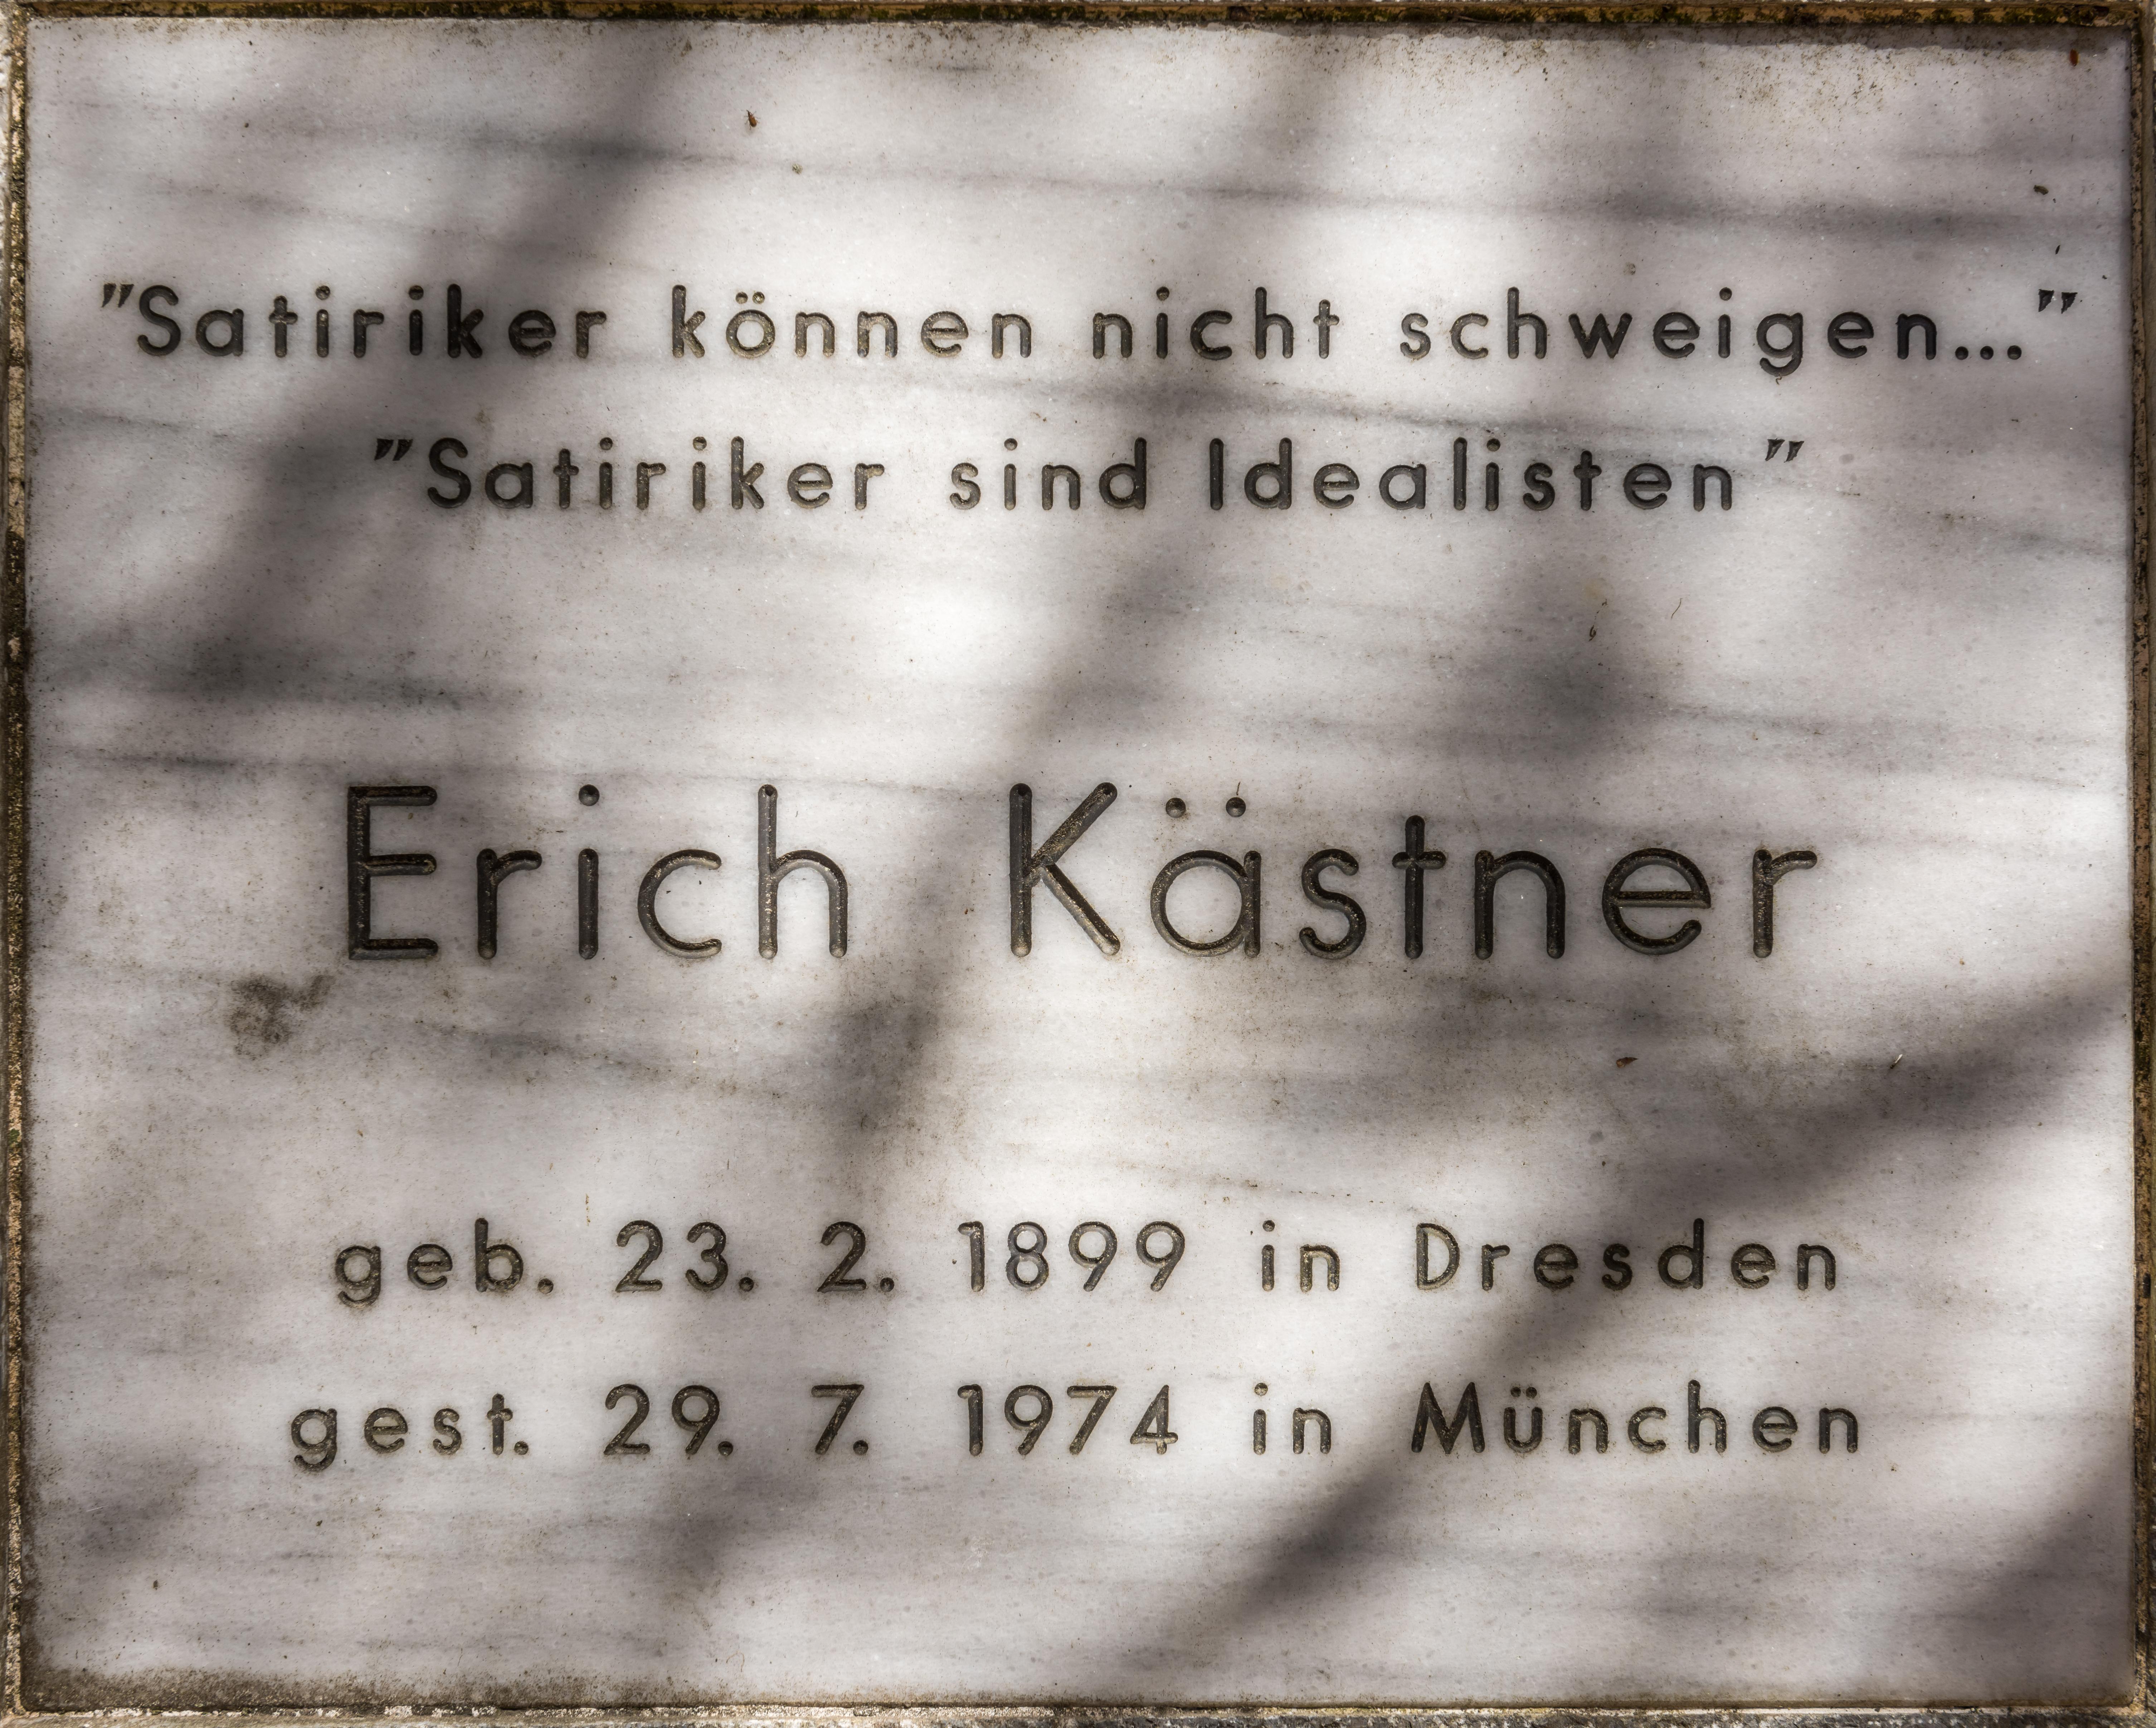 Erich kästner kurzer lebenslauf gedicht